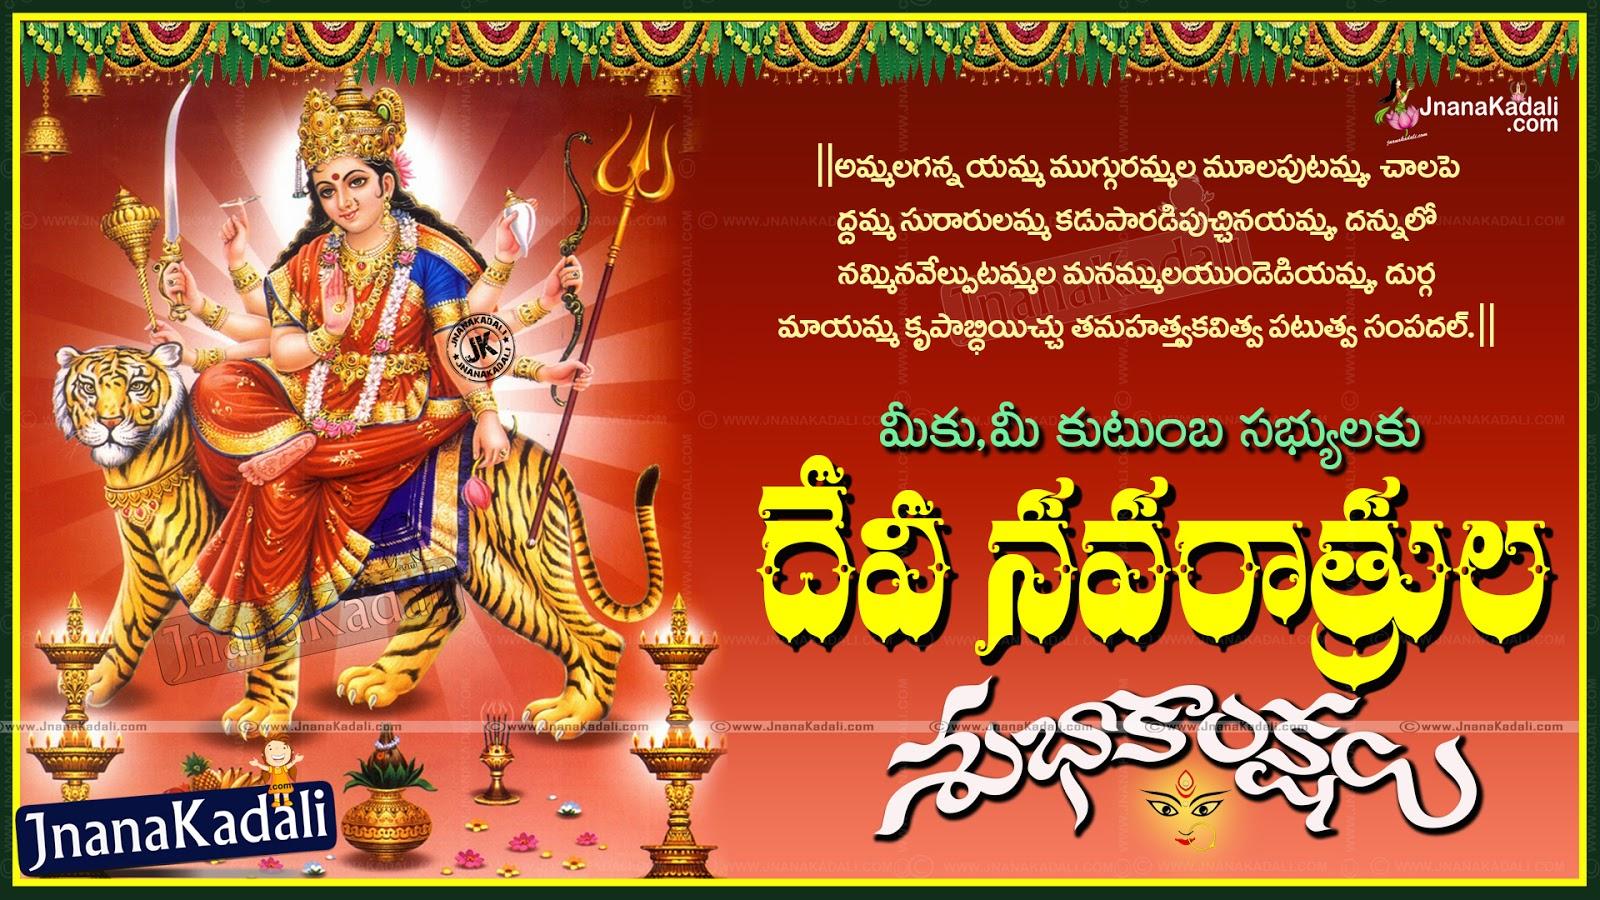 Happy Dussehra Images In Telugu Kamos Hd Wallpaper